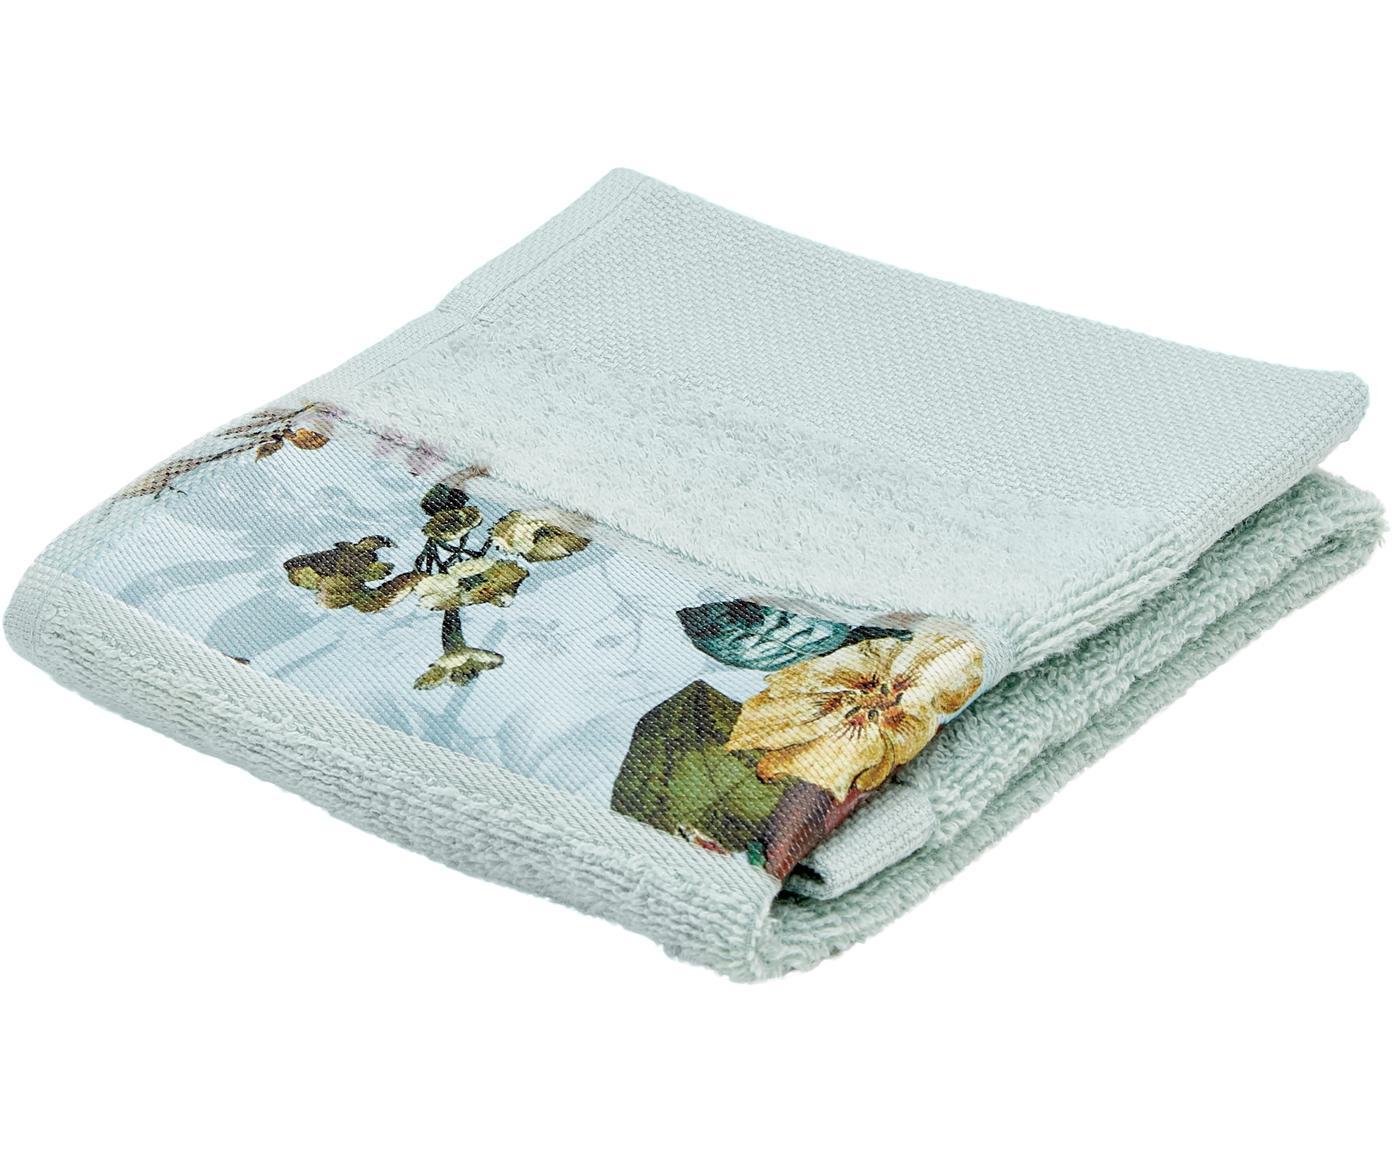 Handtuch Fleur mit Blumen-Bordüre, 97% Baumwolle, 3% Polyester, Mintgrün, Mehrfarbig, Gästehandtuch